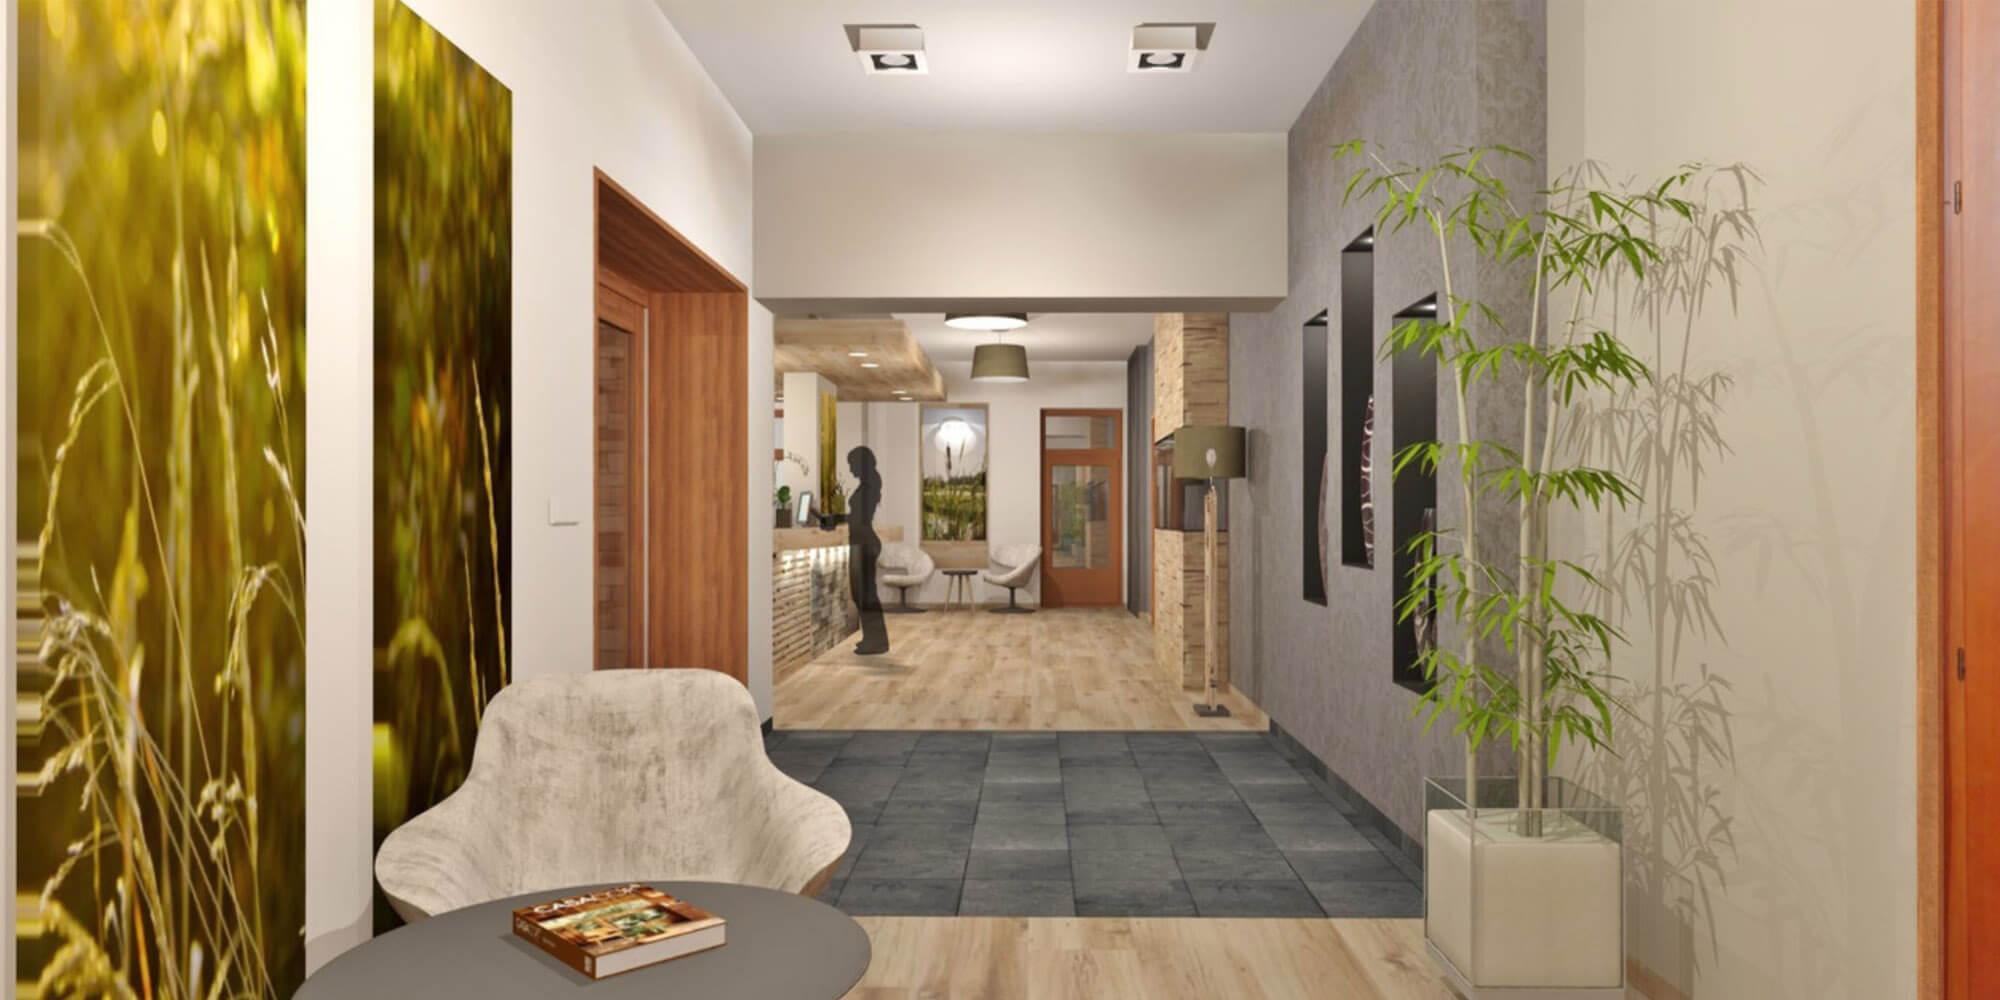 Crea-Plan-Design-Rauch-Frühmann-Architektur-Innenarchitektur-Design-Projekt-Referenz-Hotelerie-Gastronomie-Hotel-Sporthotel-Zaton-Gang